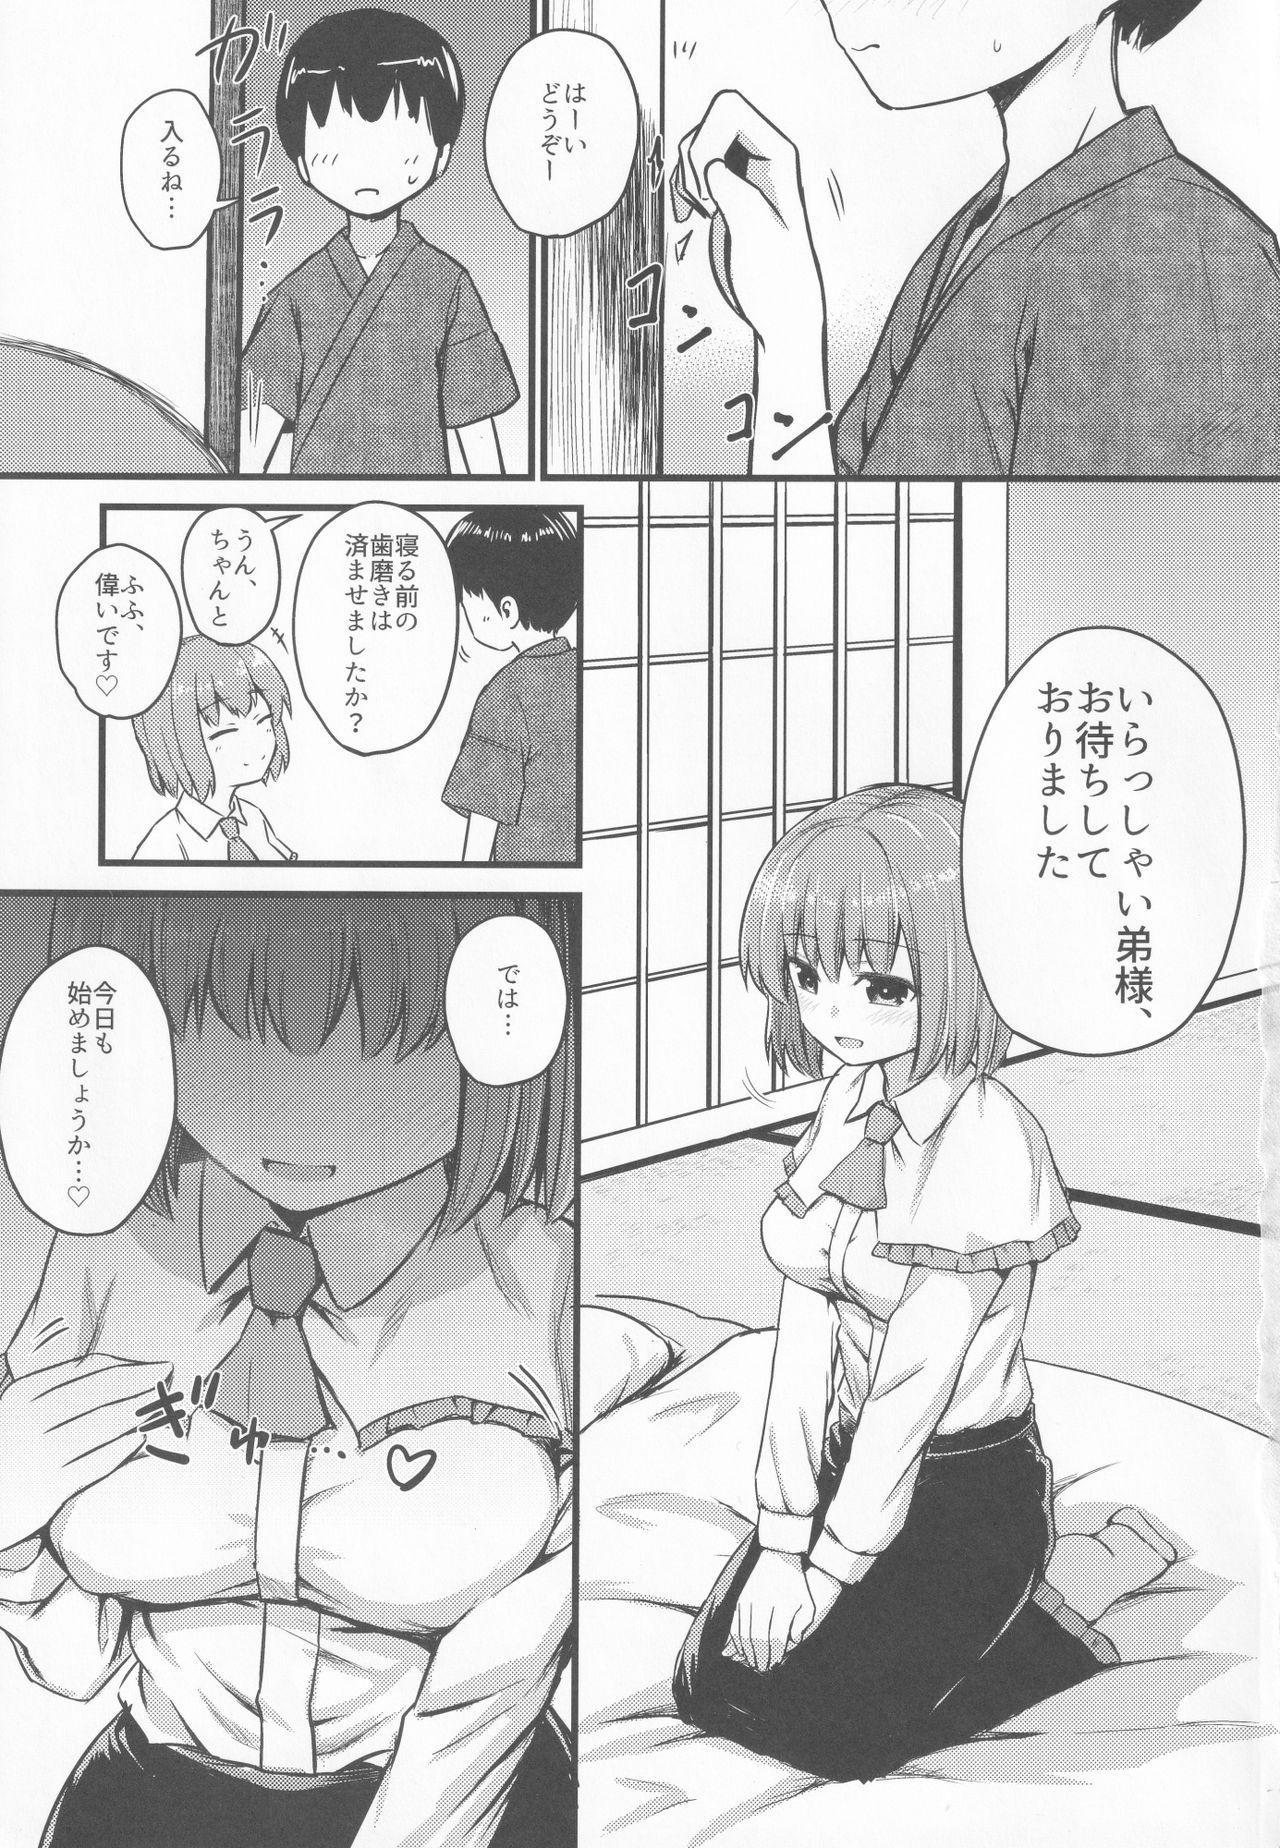 Chiisai kedo Ichininmae. Nyu 3